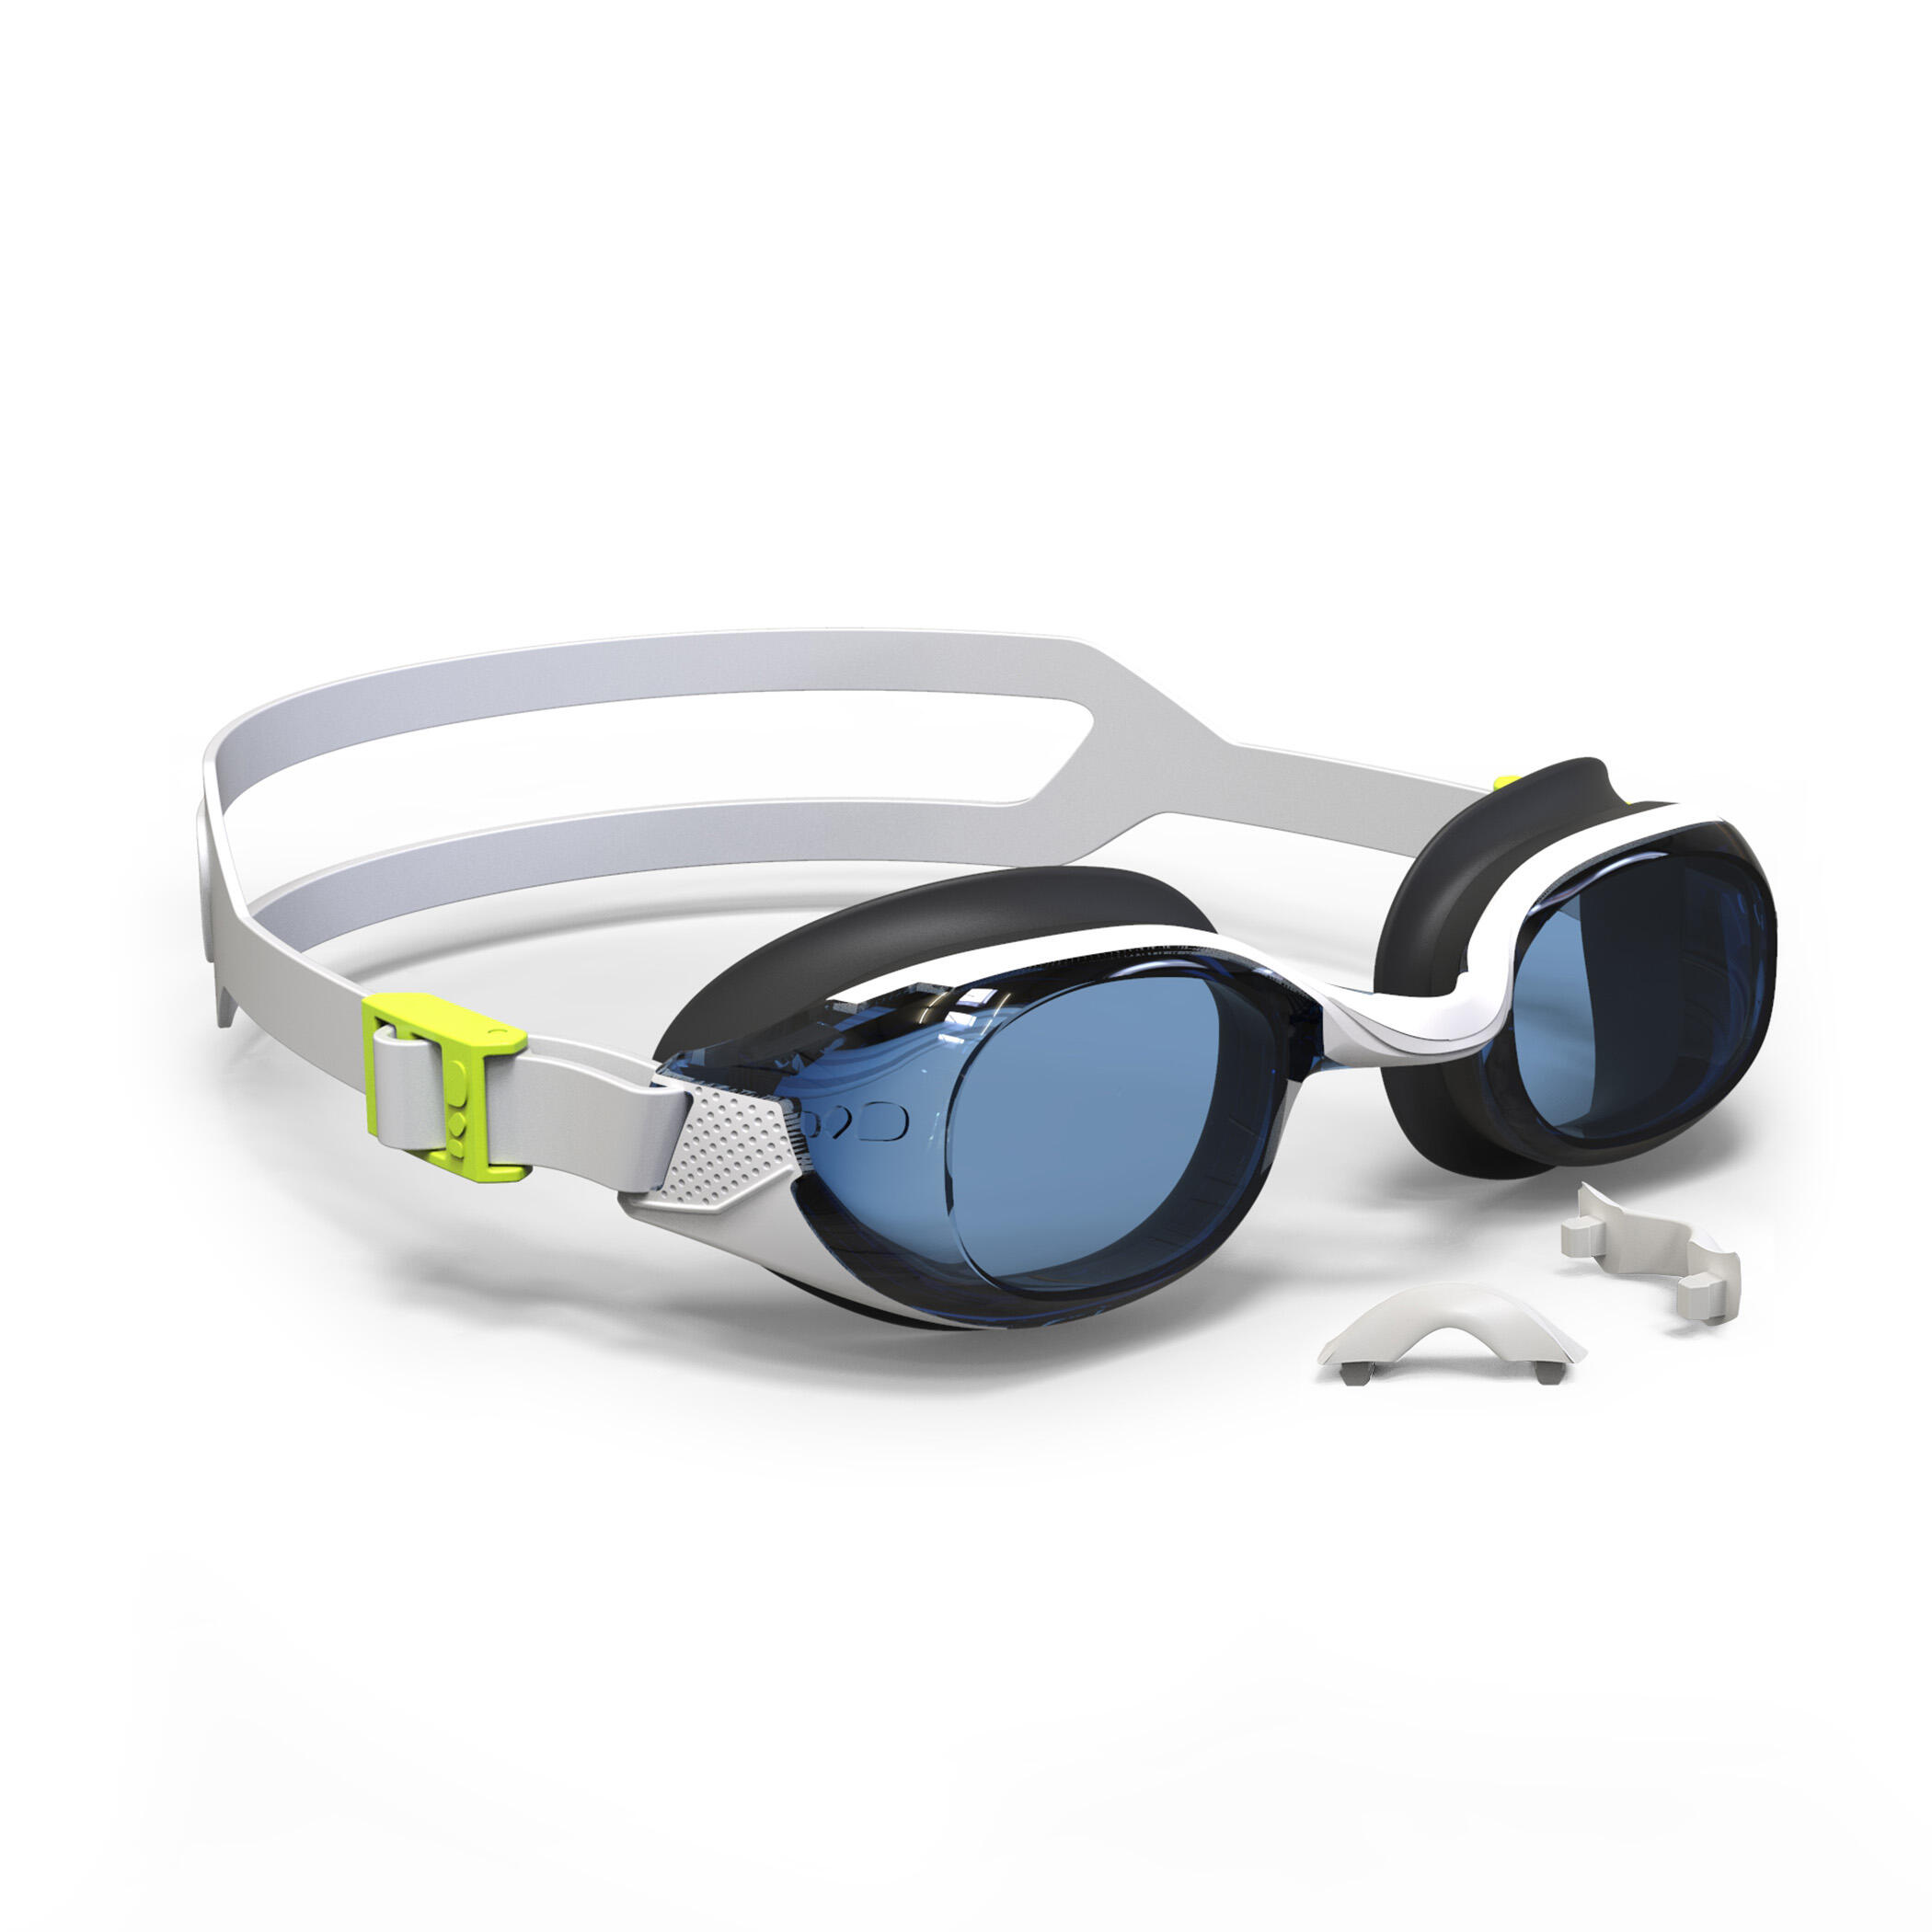 แว่นตาว่ายน้ำชนิดเลนส์ใสรุ่น 500 B-Fit (สีขาว) บริการเก็บเงินปลายทาง.